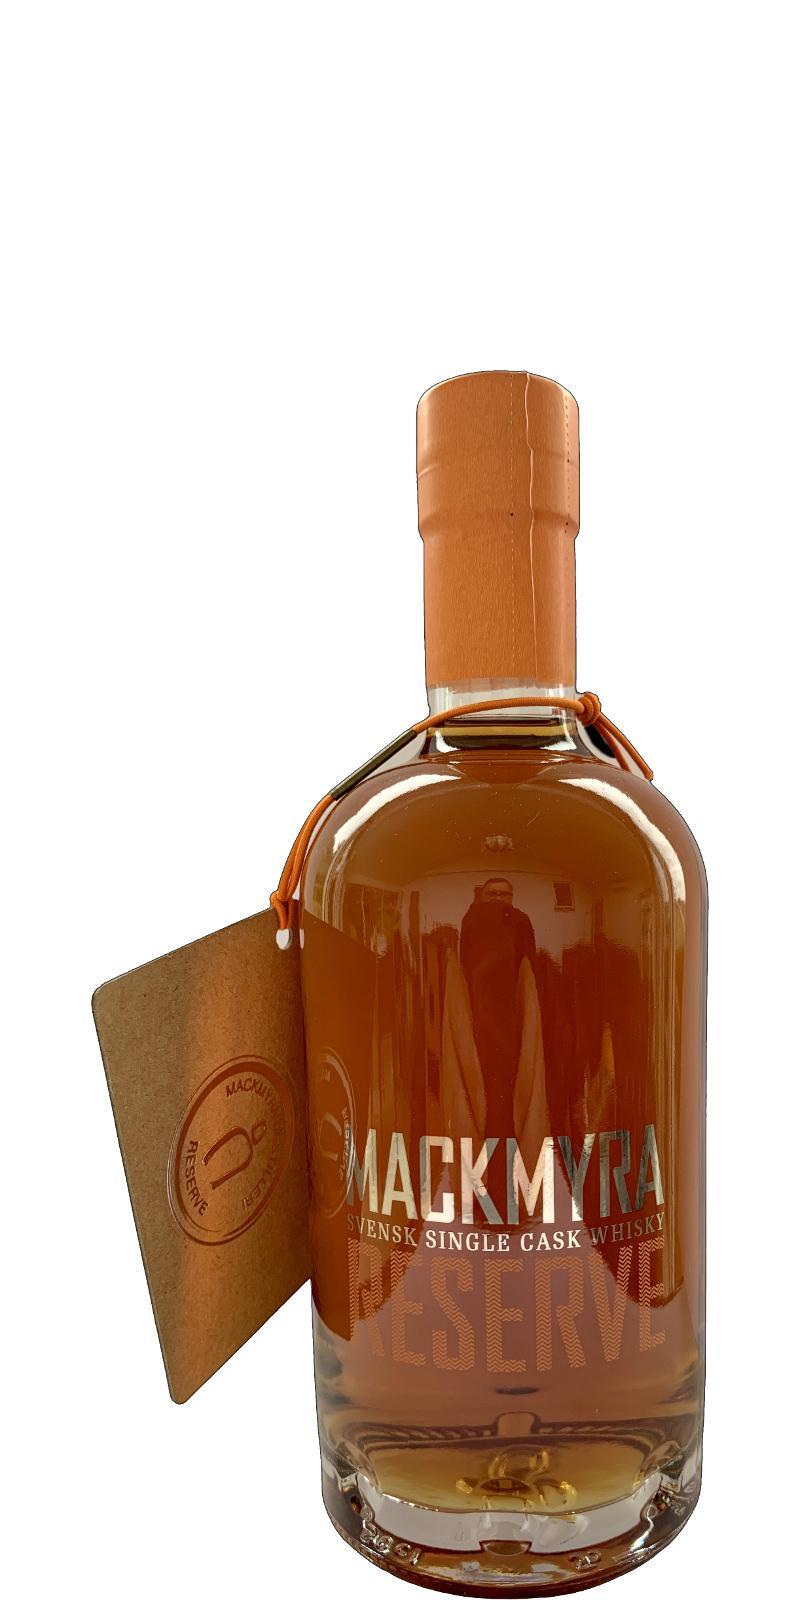 Mackmyra 2010